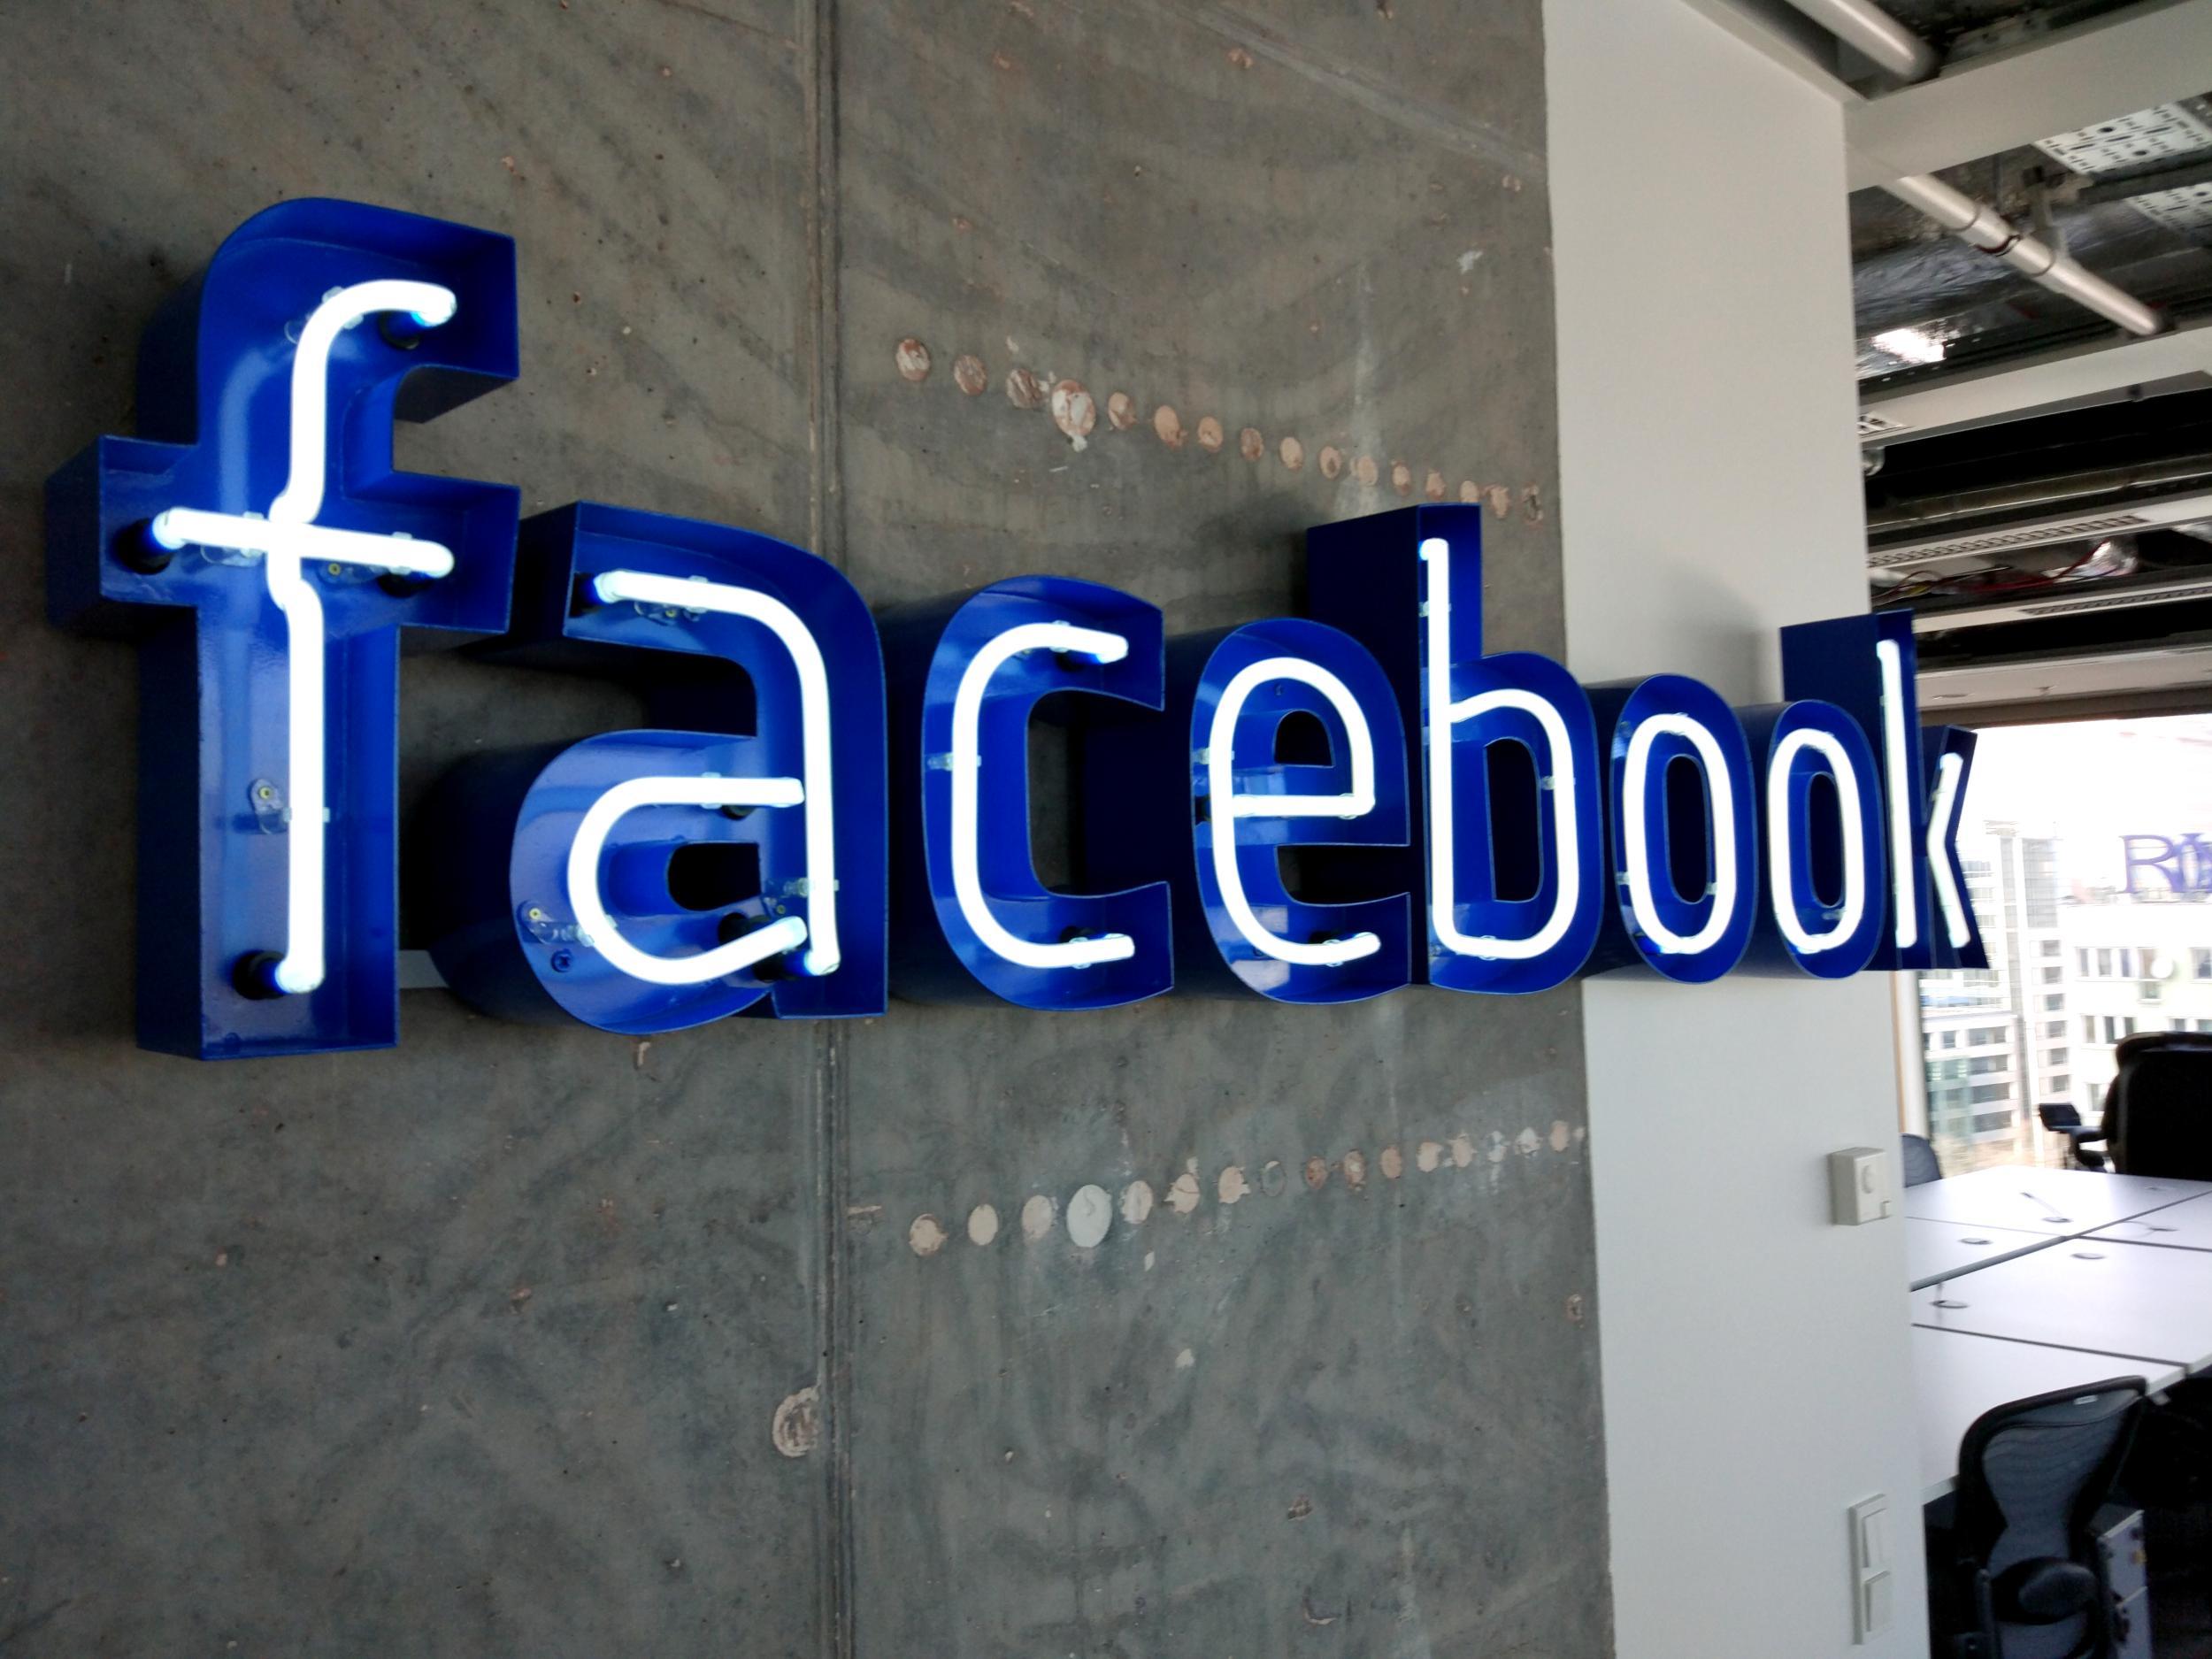 Niemiecki fotograf pozwał Facebooka za usuwanie danych EXIF. I wygrał